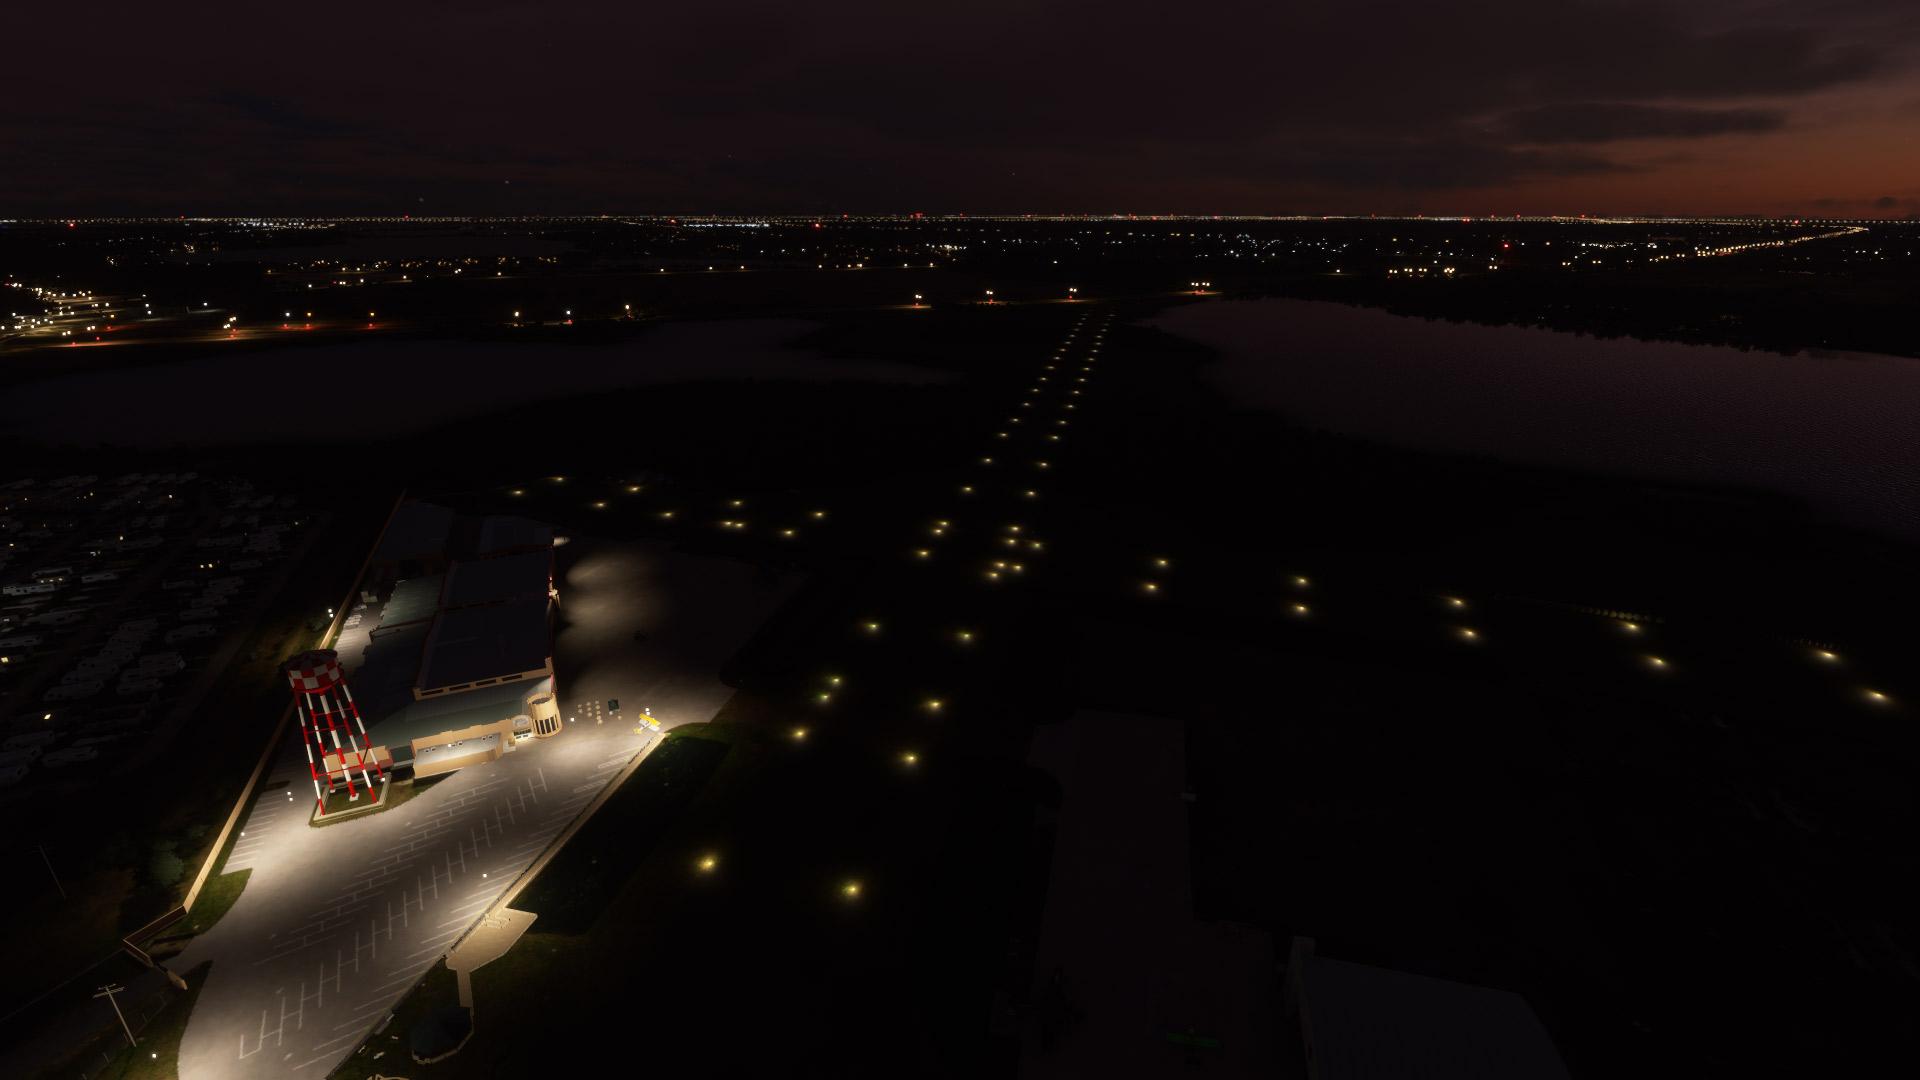 esd_fantasy_of_flight_florida_scenery_lighting1_msfs.jpg